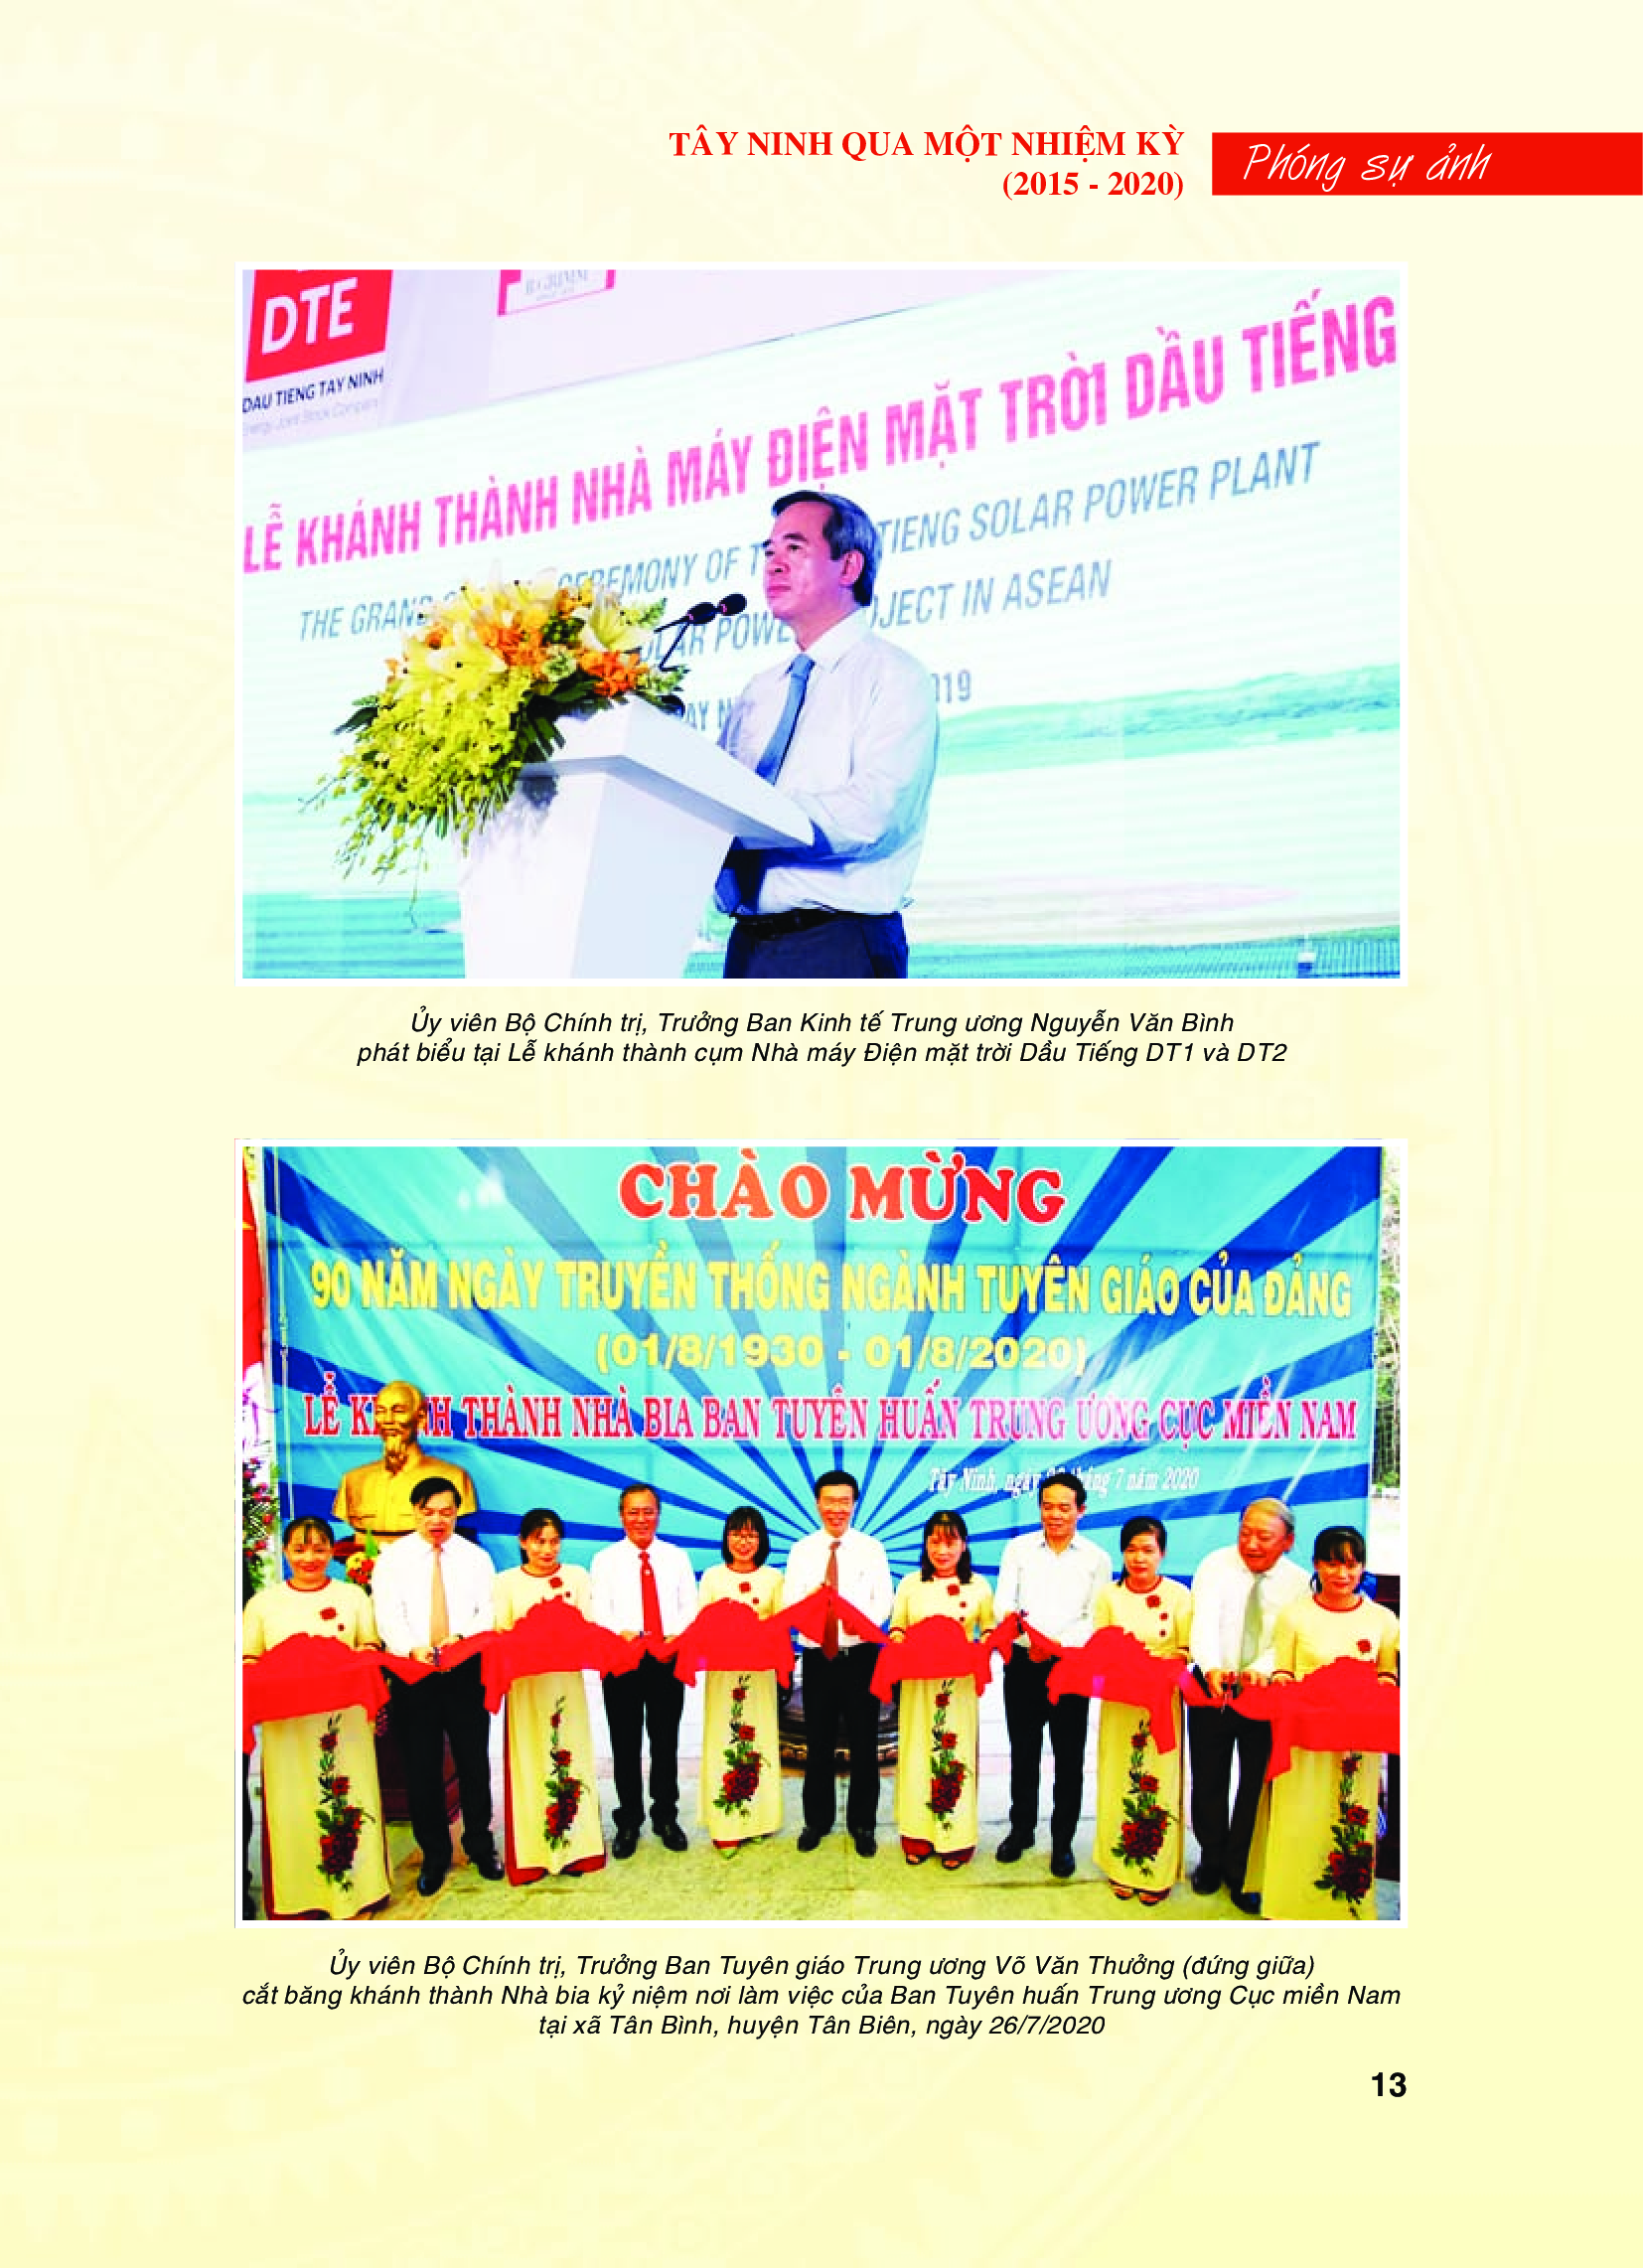 Lãnh đạo Đảng, Nhà nước, các Ban, Bộ, ngành Trung Ương đến thăm và làm việc tại Tây Ninh